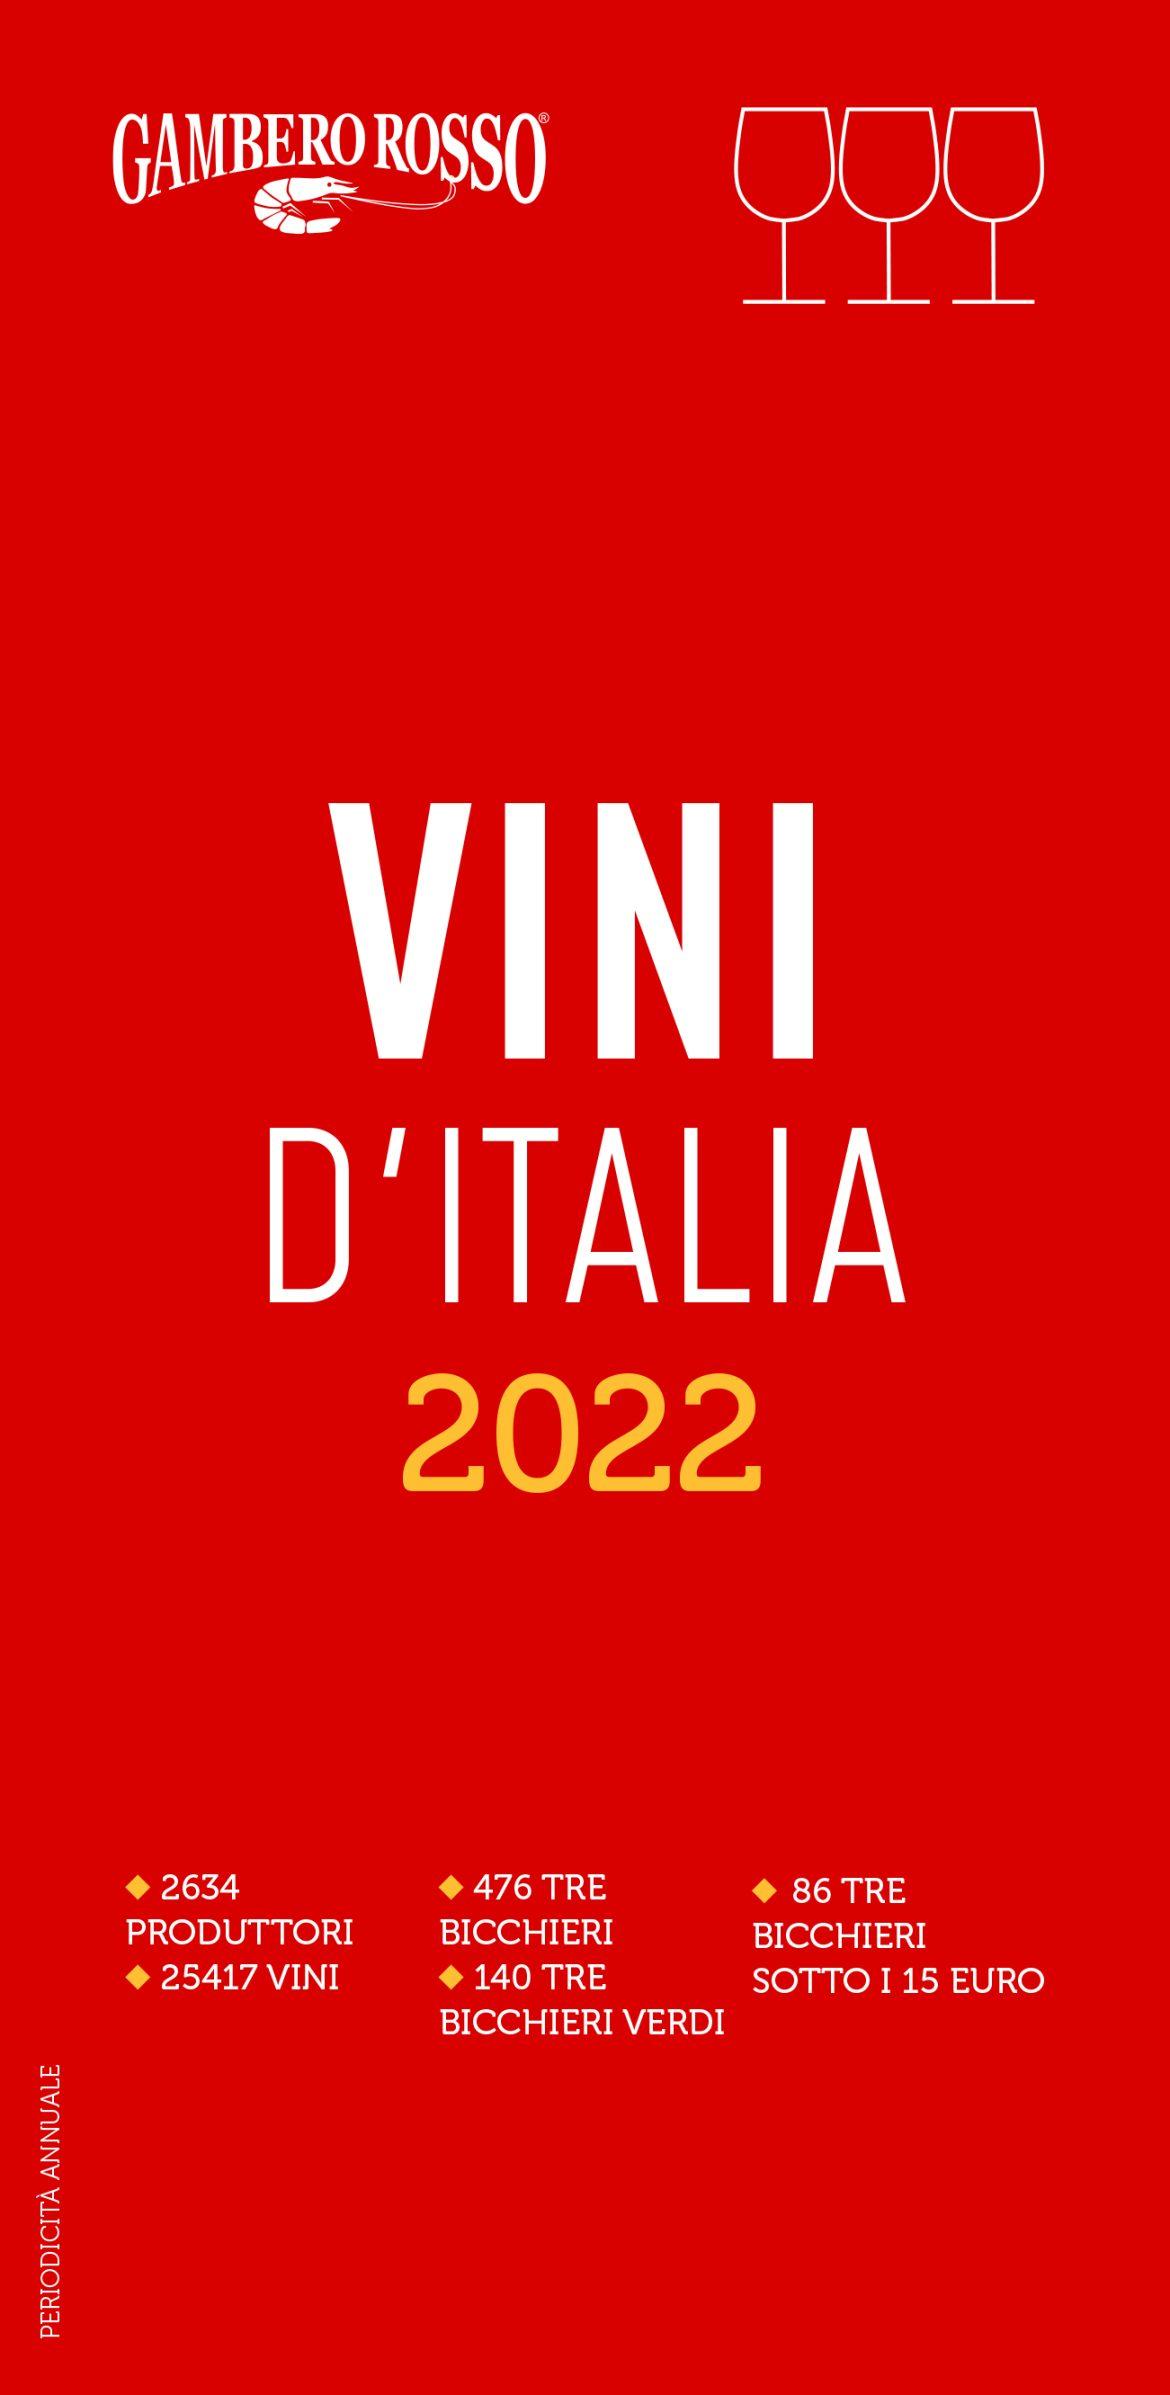 Recensione di Vini D'Italia 2022 – Gambero Rosso